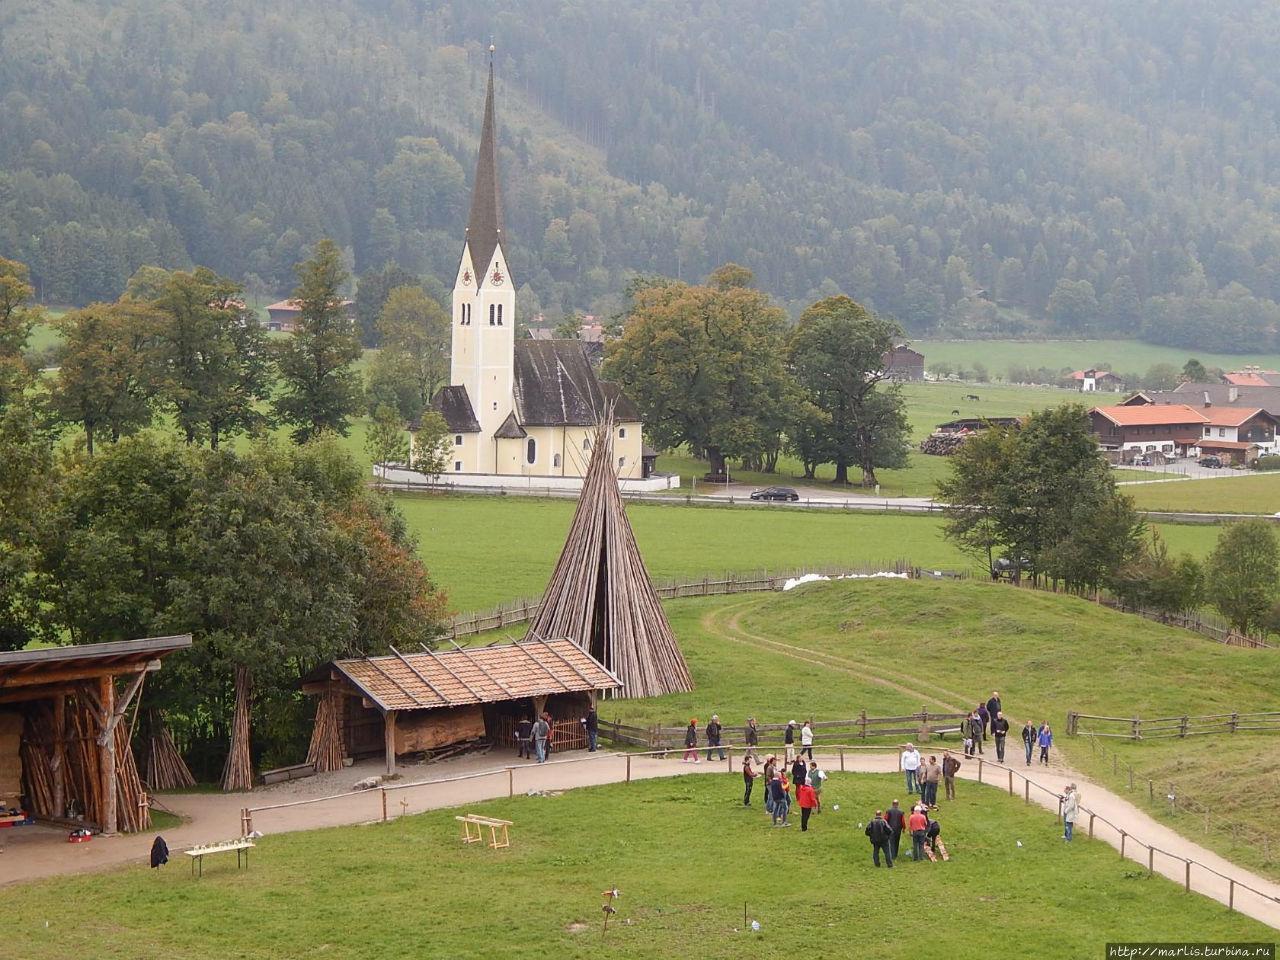 Баварский этнографический музей Васмаера, Шлирзее Шлирзее, Германия